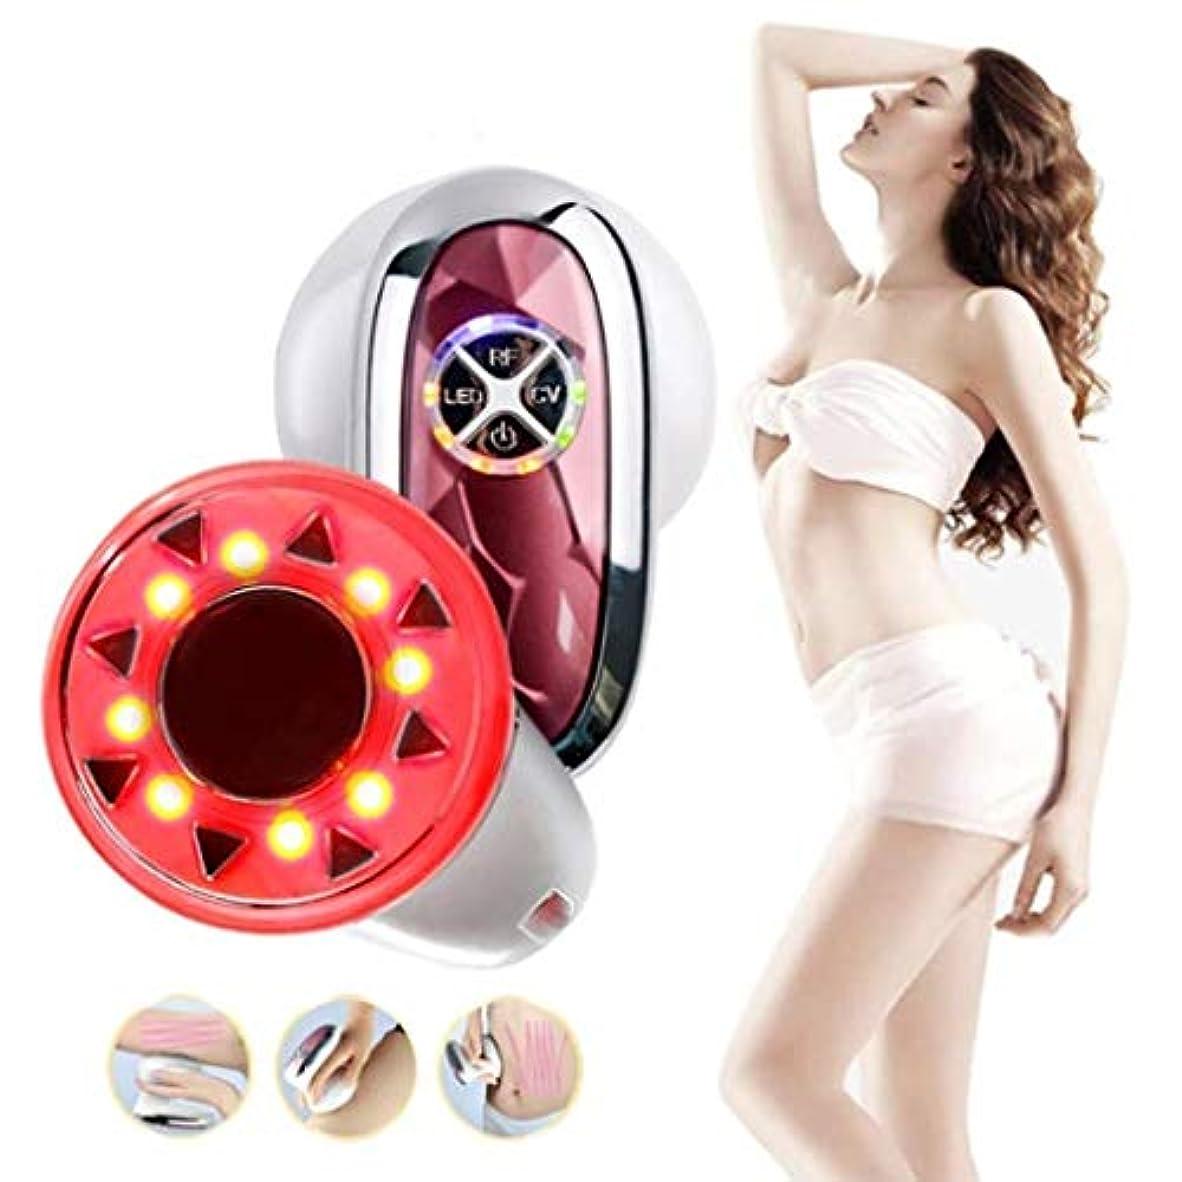 合併症カニ底電気減量機、4-1 - ラジオ周波数マッサージ器、体の腹部、腰、脚、お尻、ボディマッサージ器、スキンケア機器